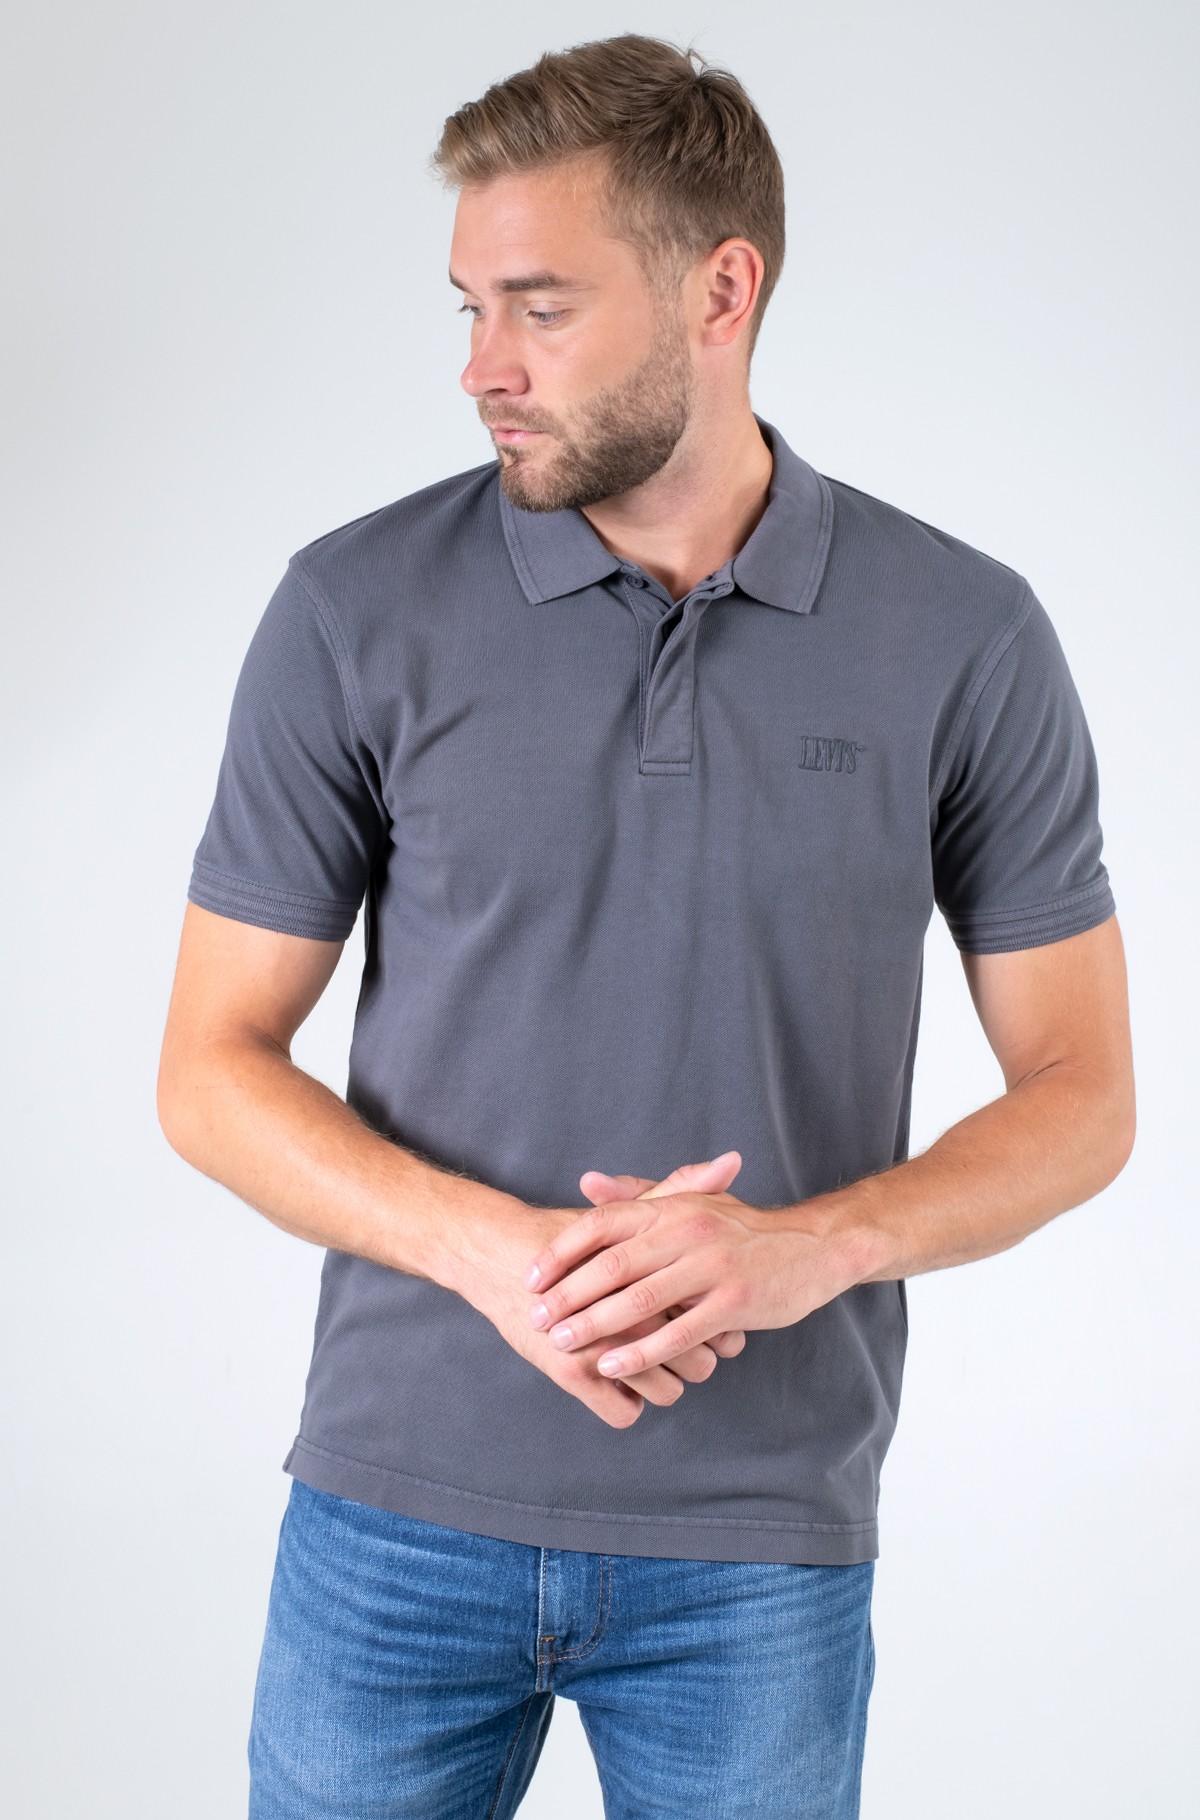 Polo krekls  856310001-full-1